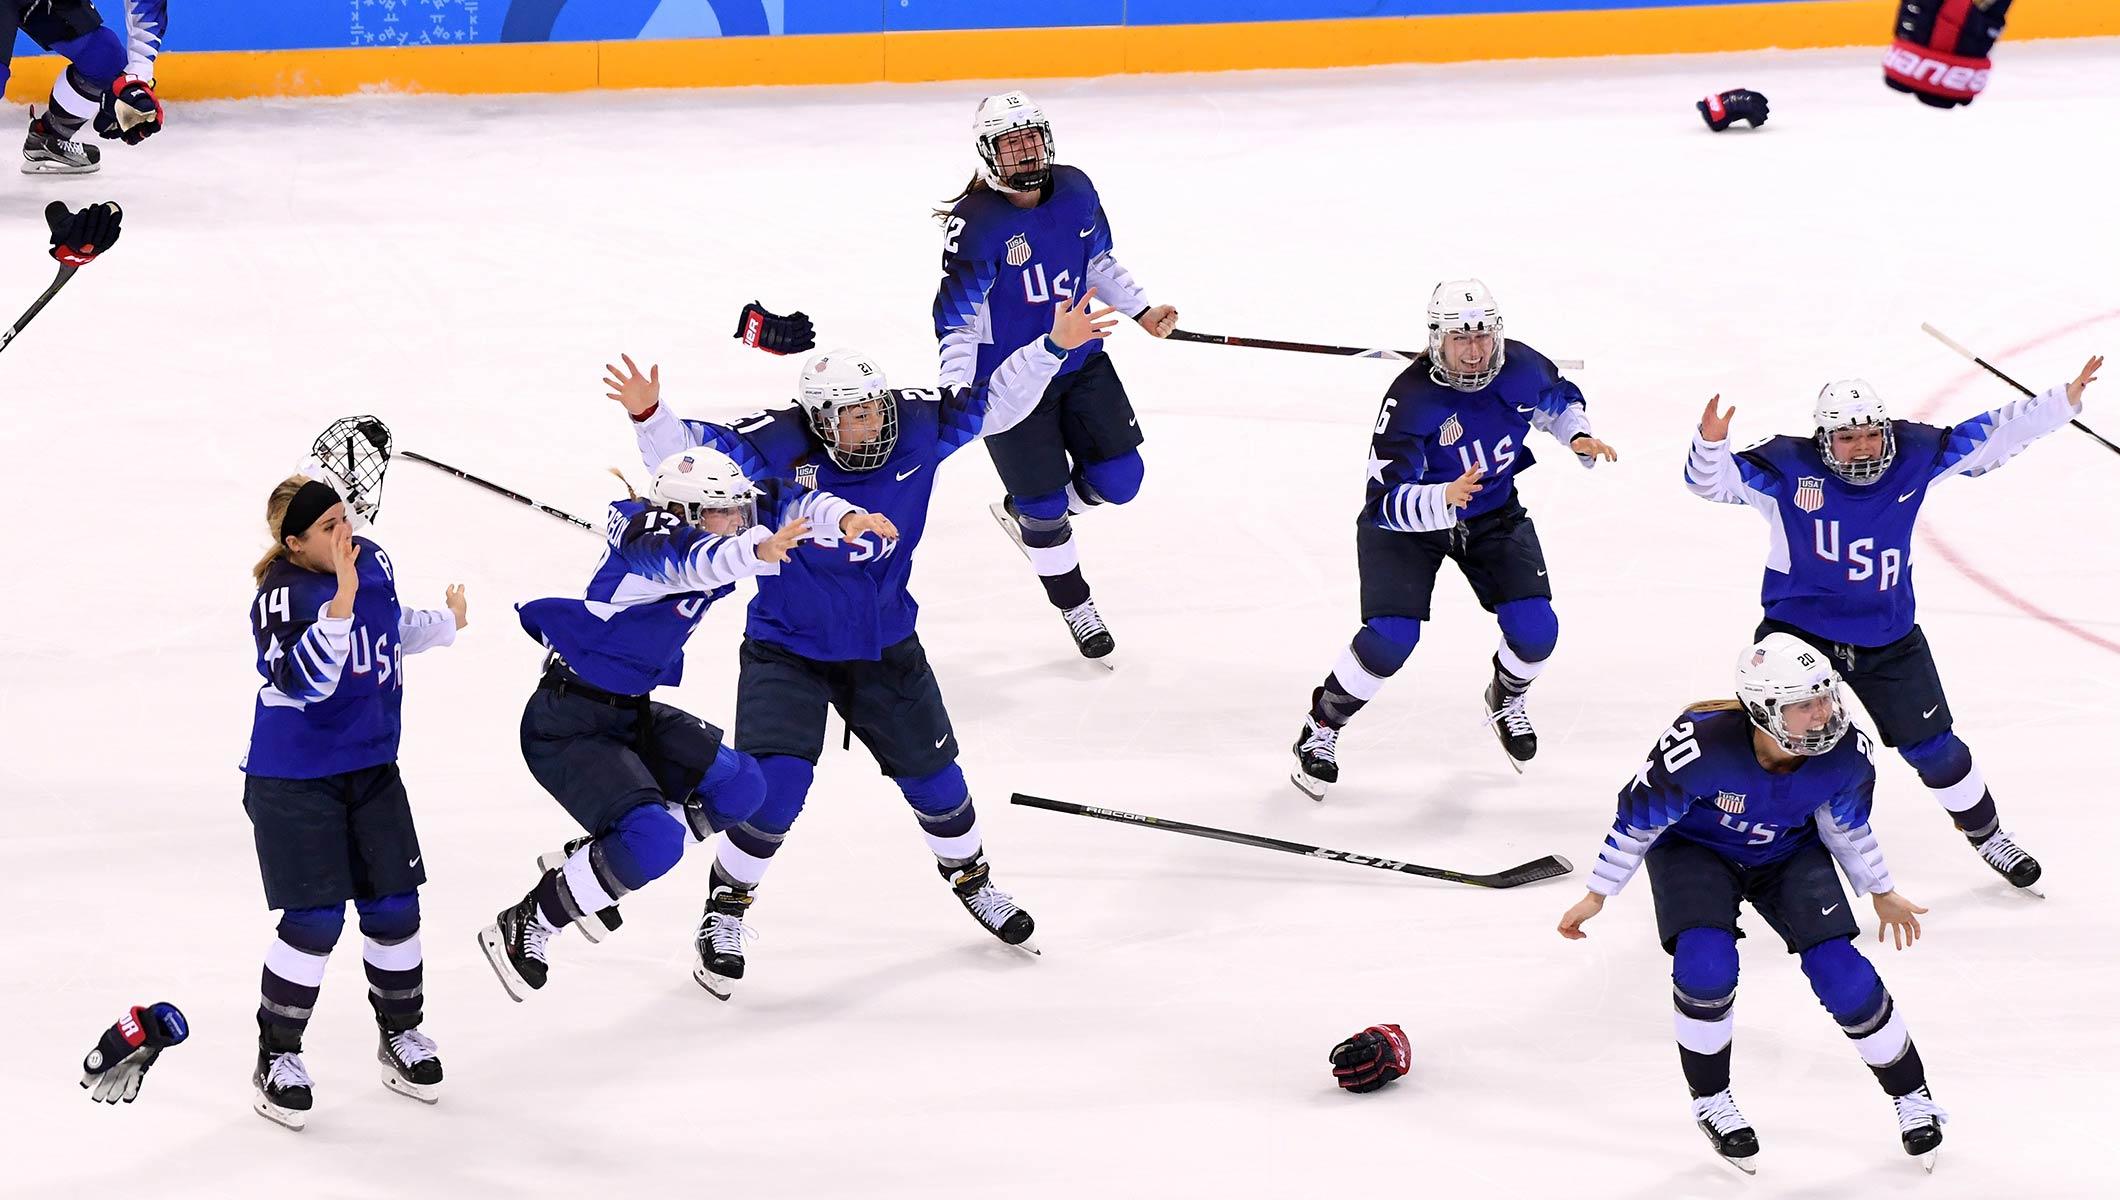 Echipa feminină a SUA a luat aurul la hochei pe gheață